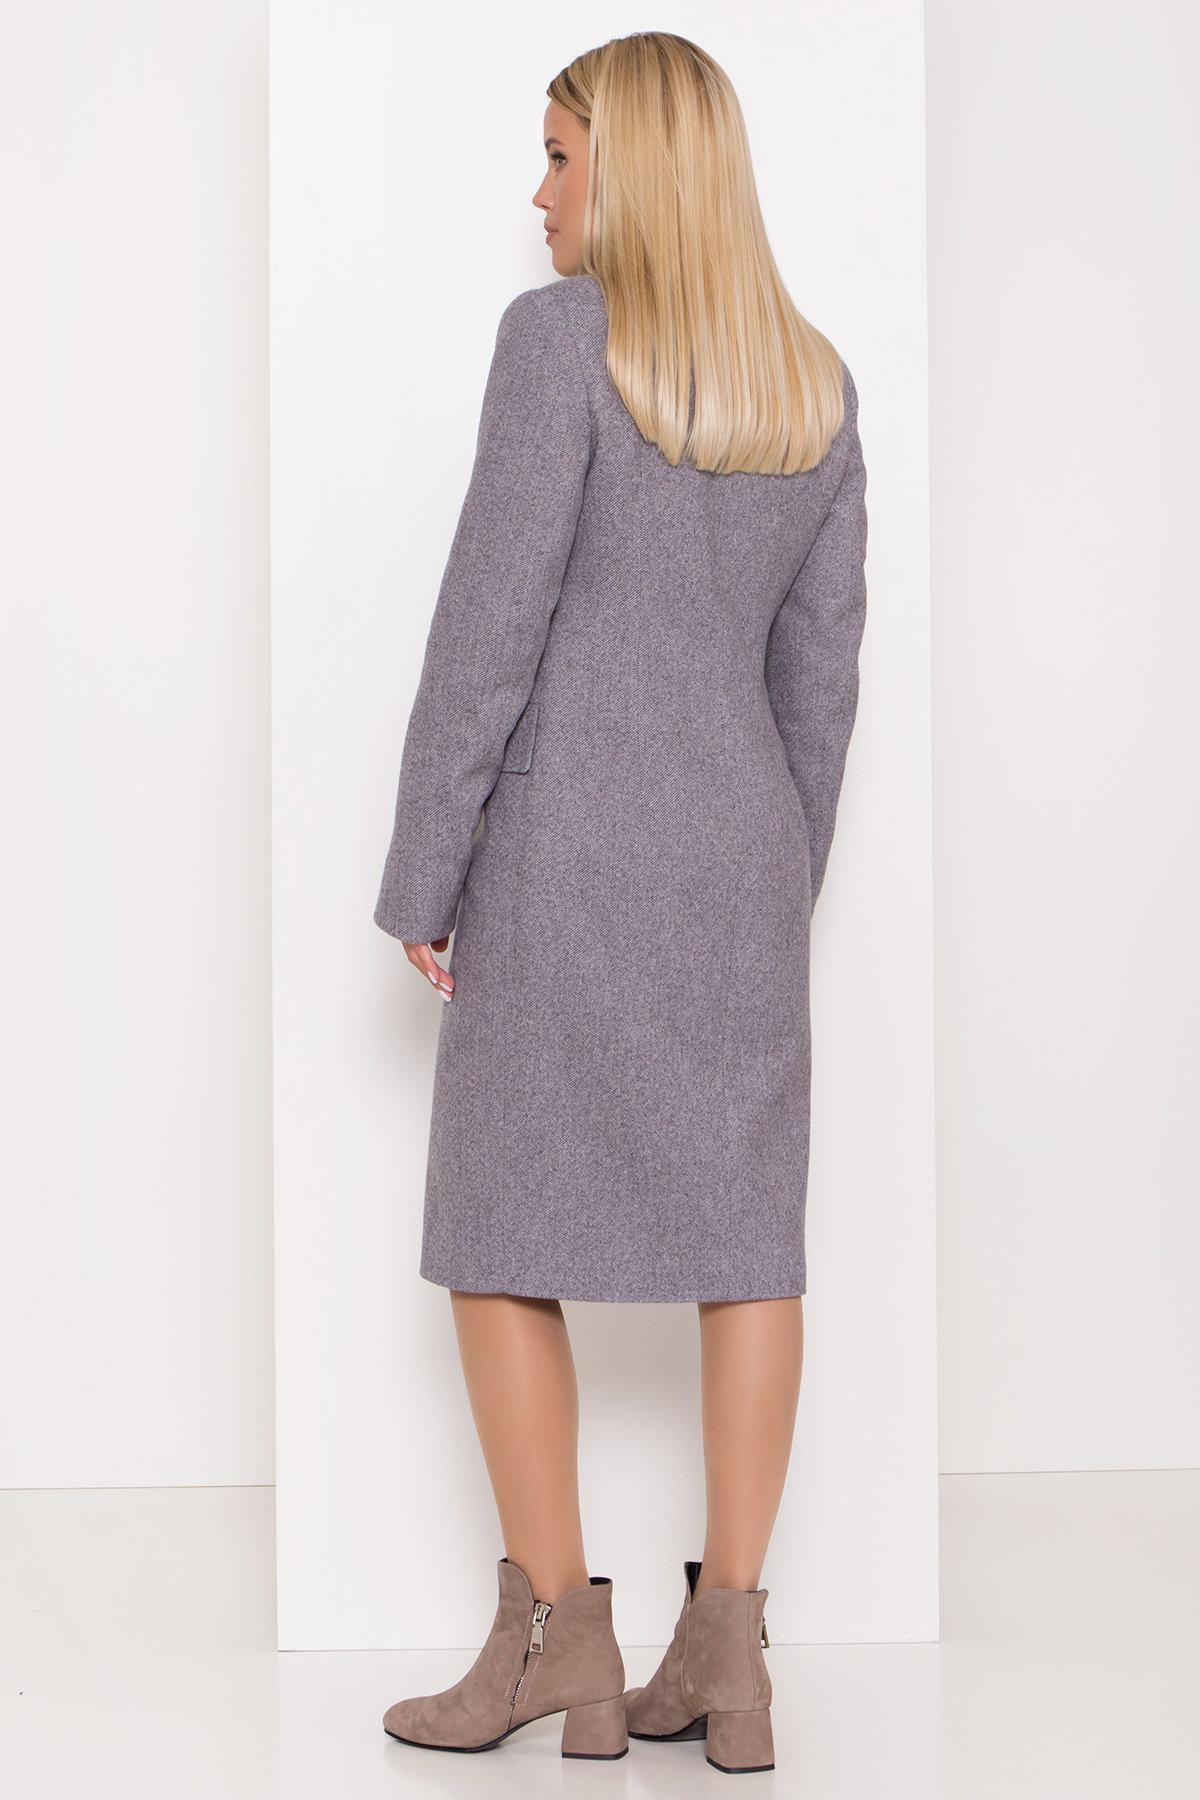 Полуприталенное зимнее пальто с отложным воротником Лабио 8182 АРТ. 44189 Цвет: Серый 2 - фото 6, интернет магазин tm-modus.ru